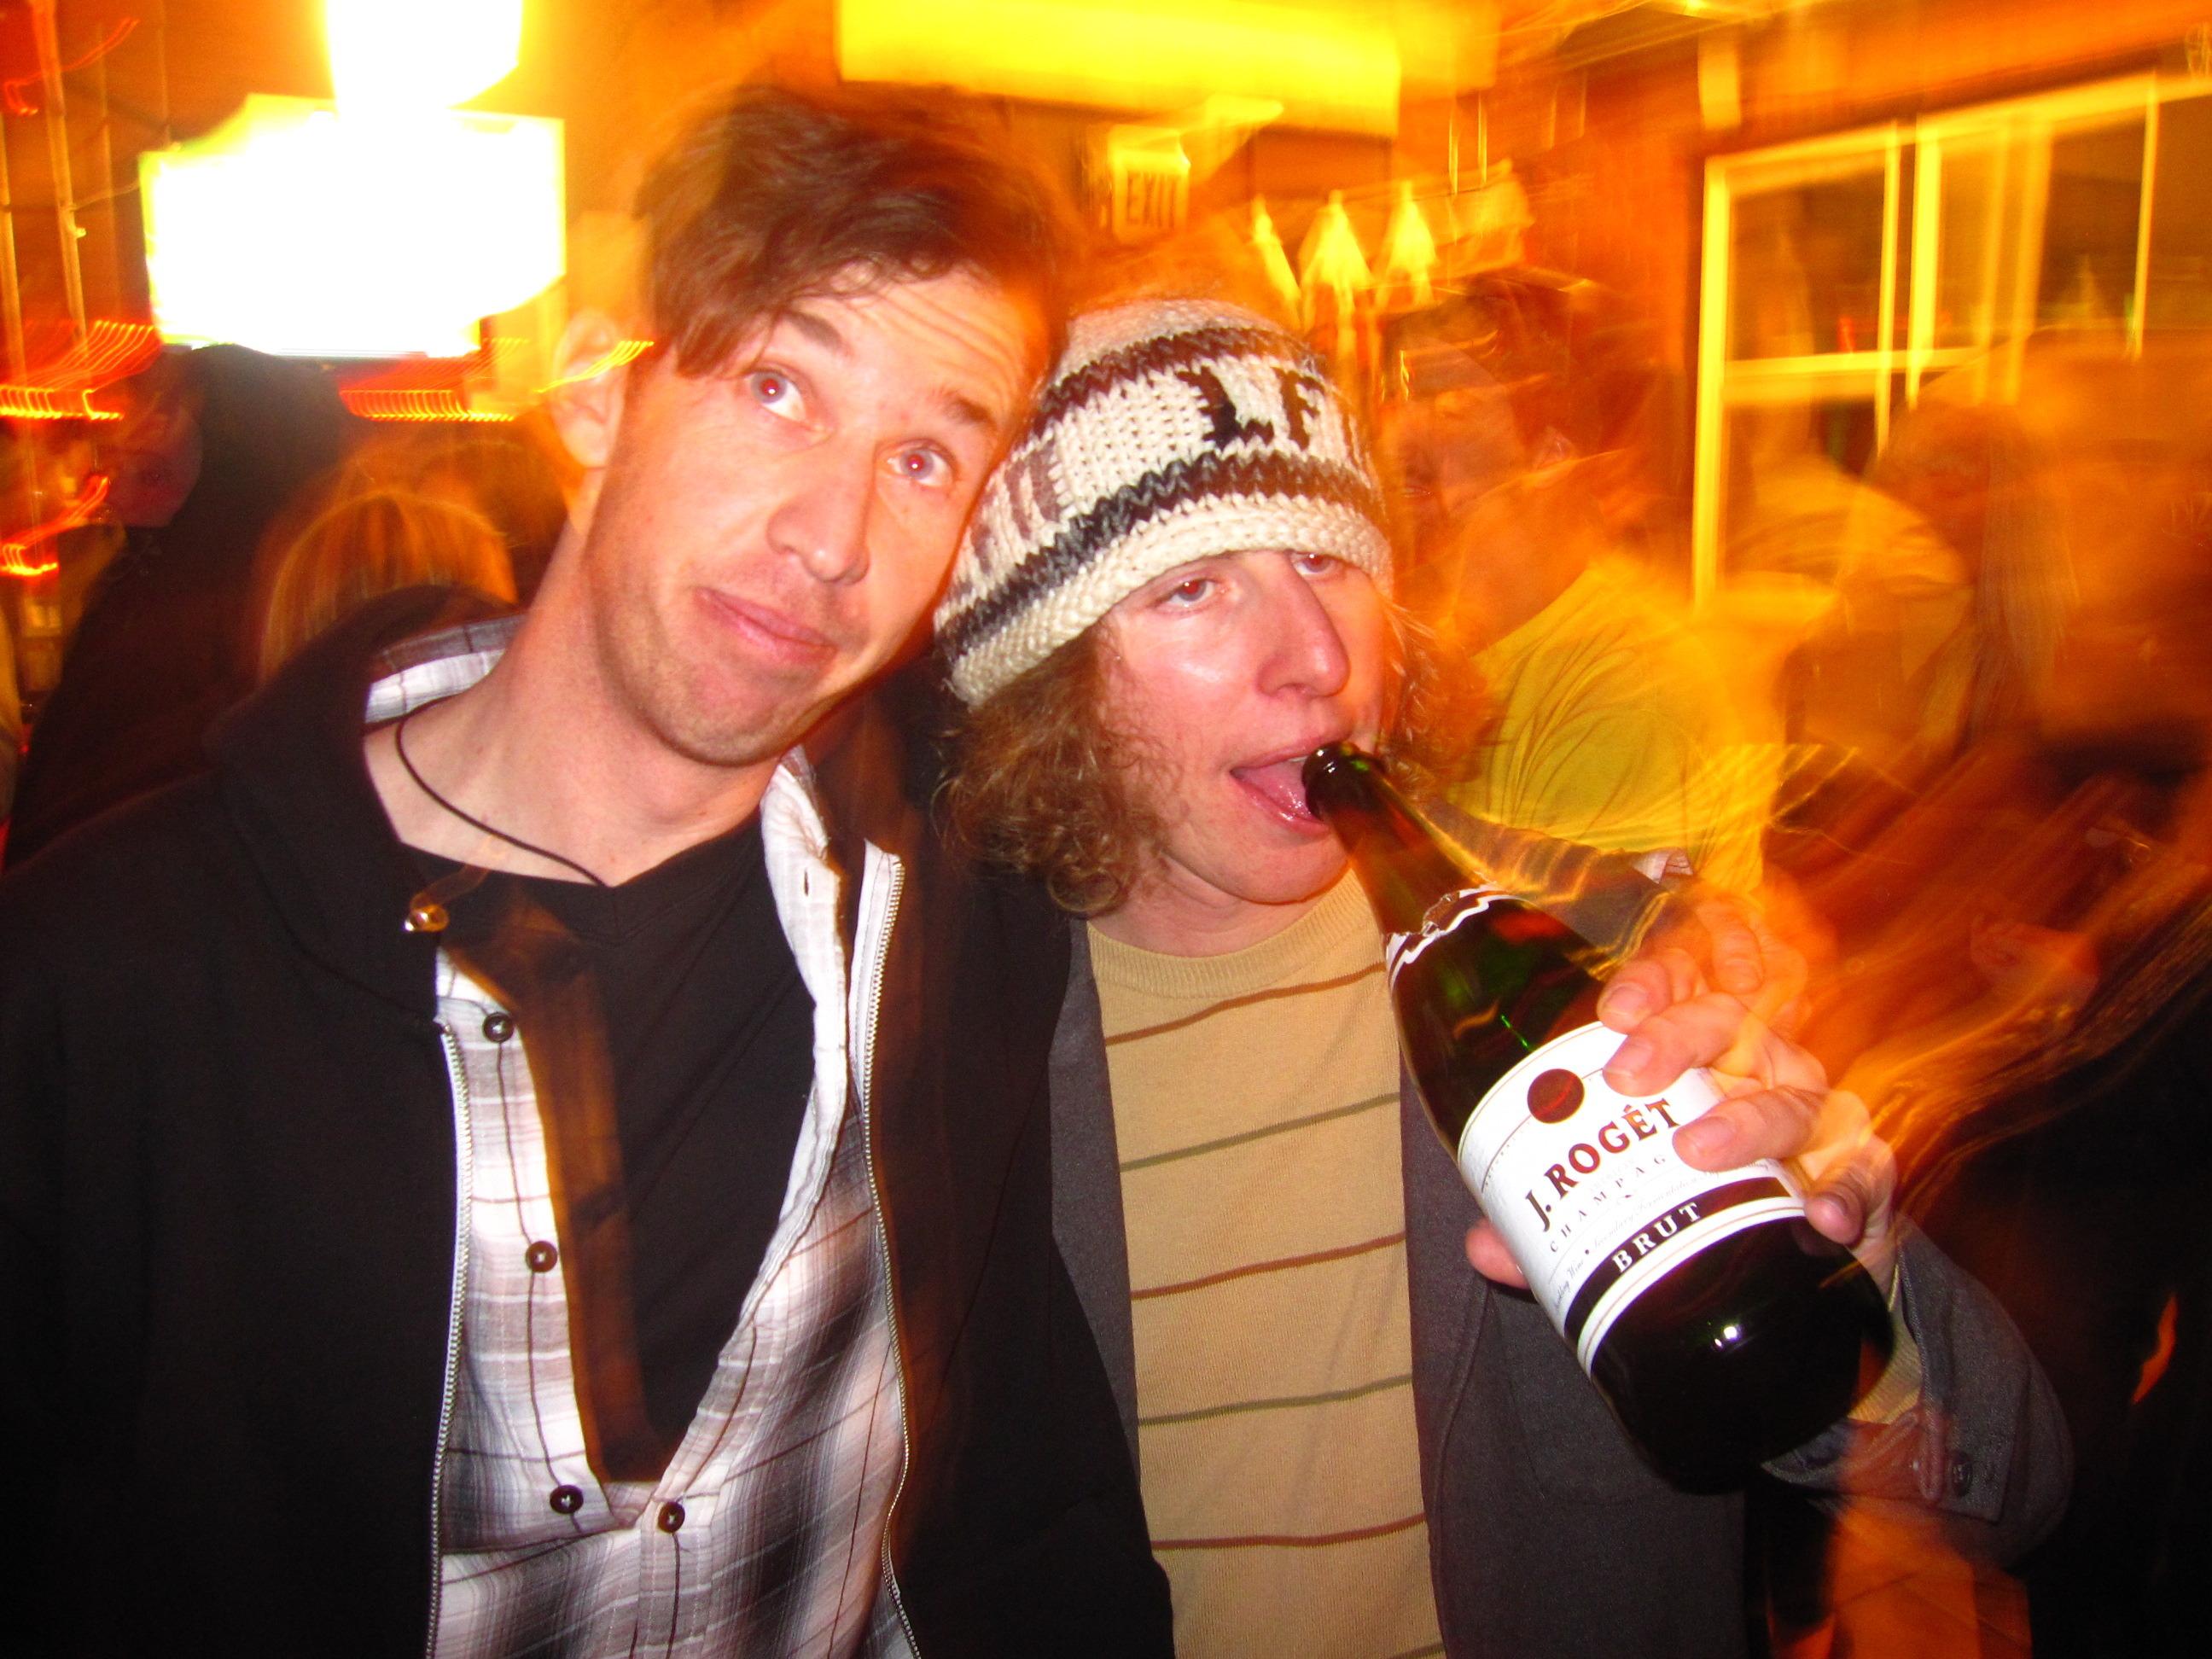 Nate Abbott and Matt Harvey Chug Champagne